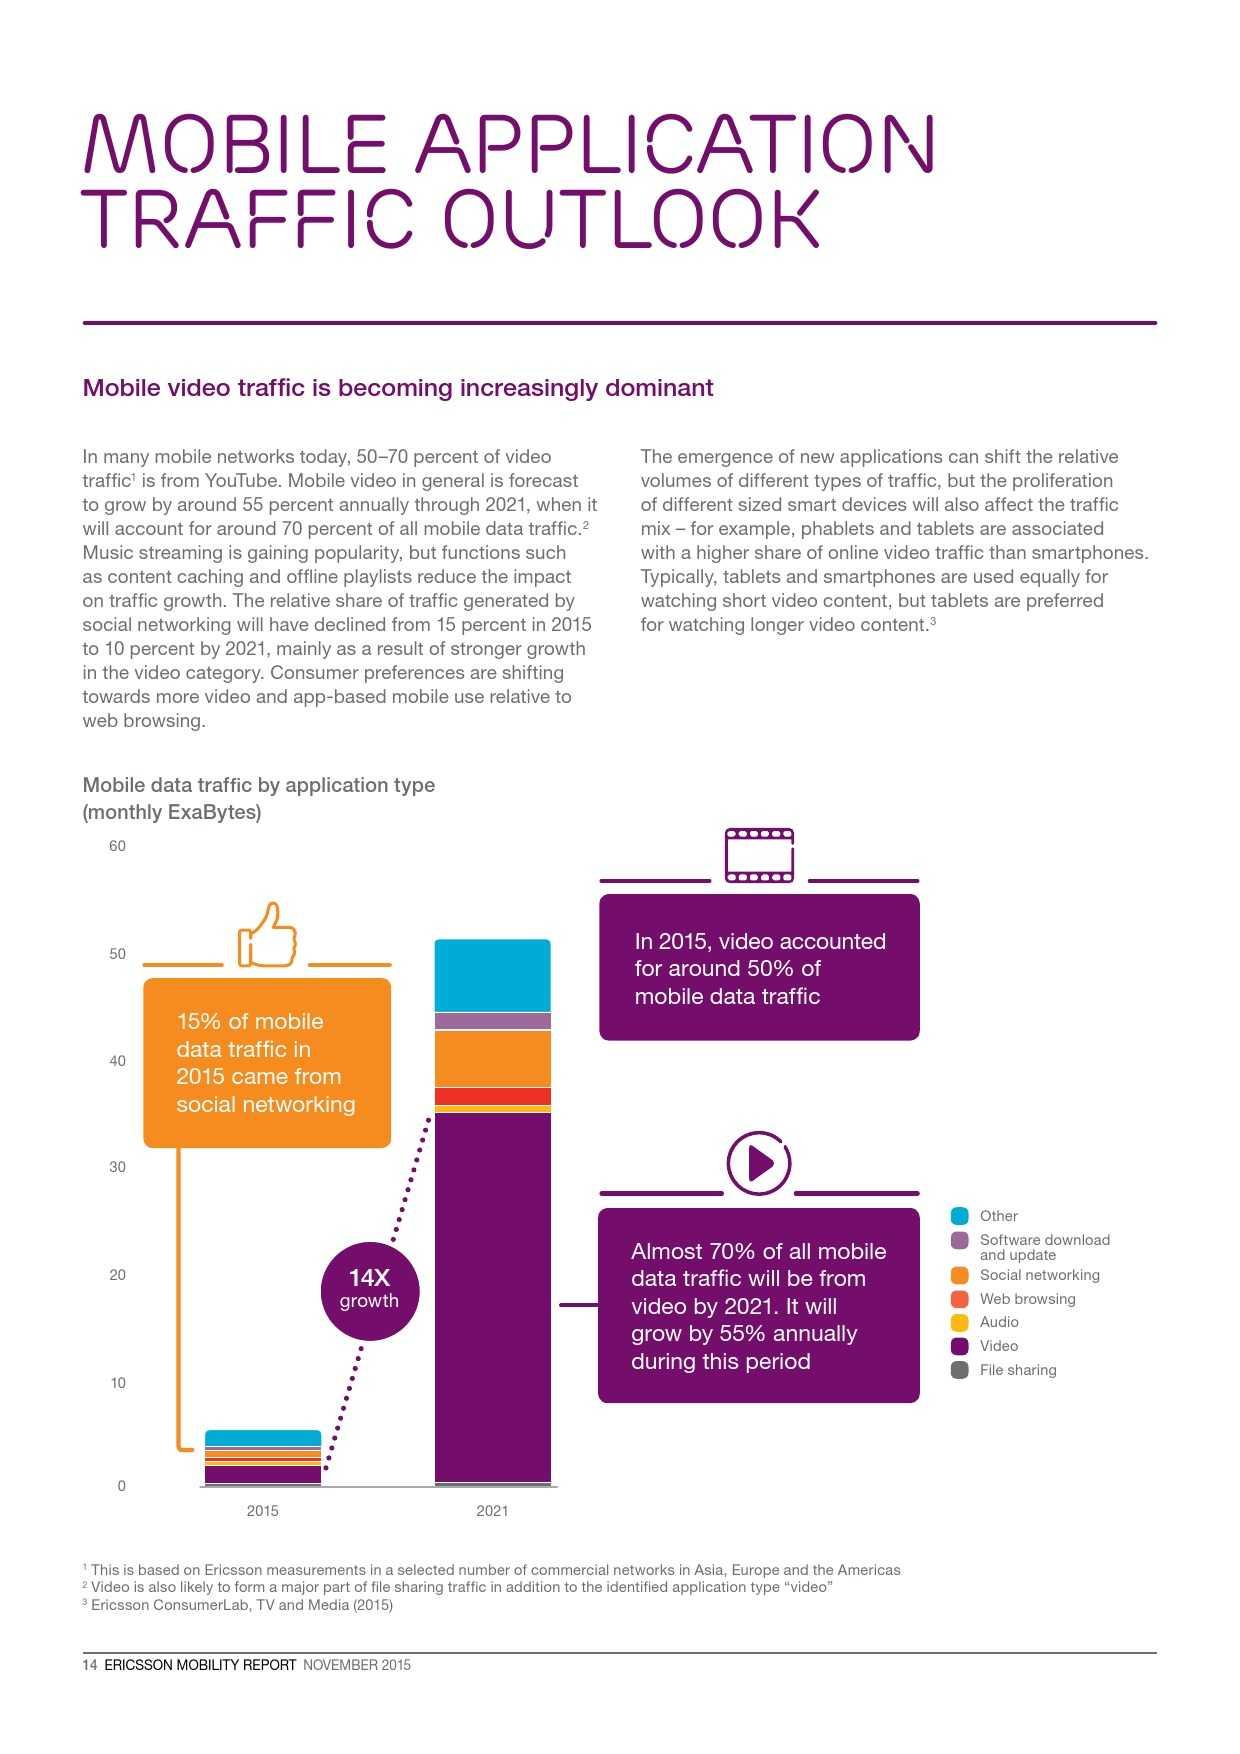 爱立信:2015年移动市场报告_000014